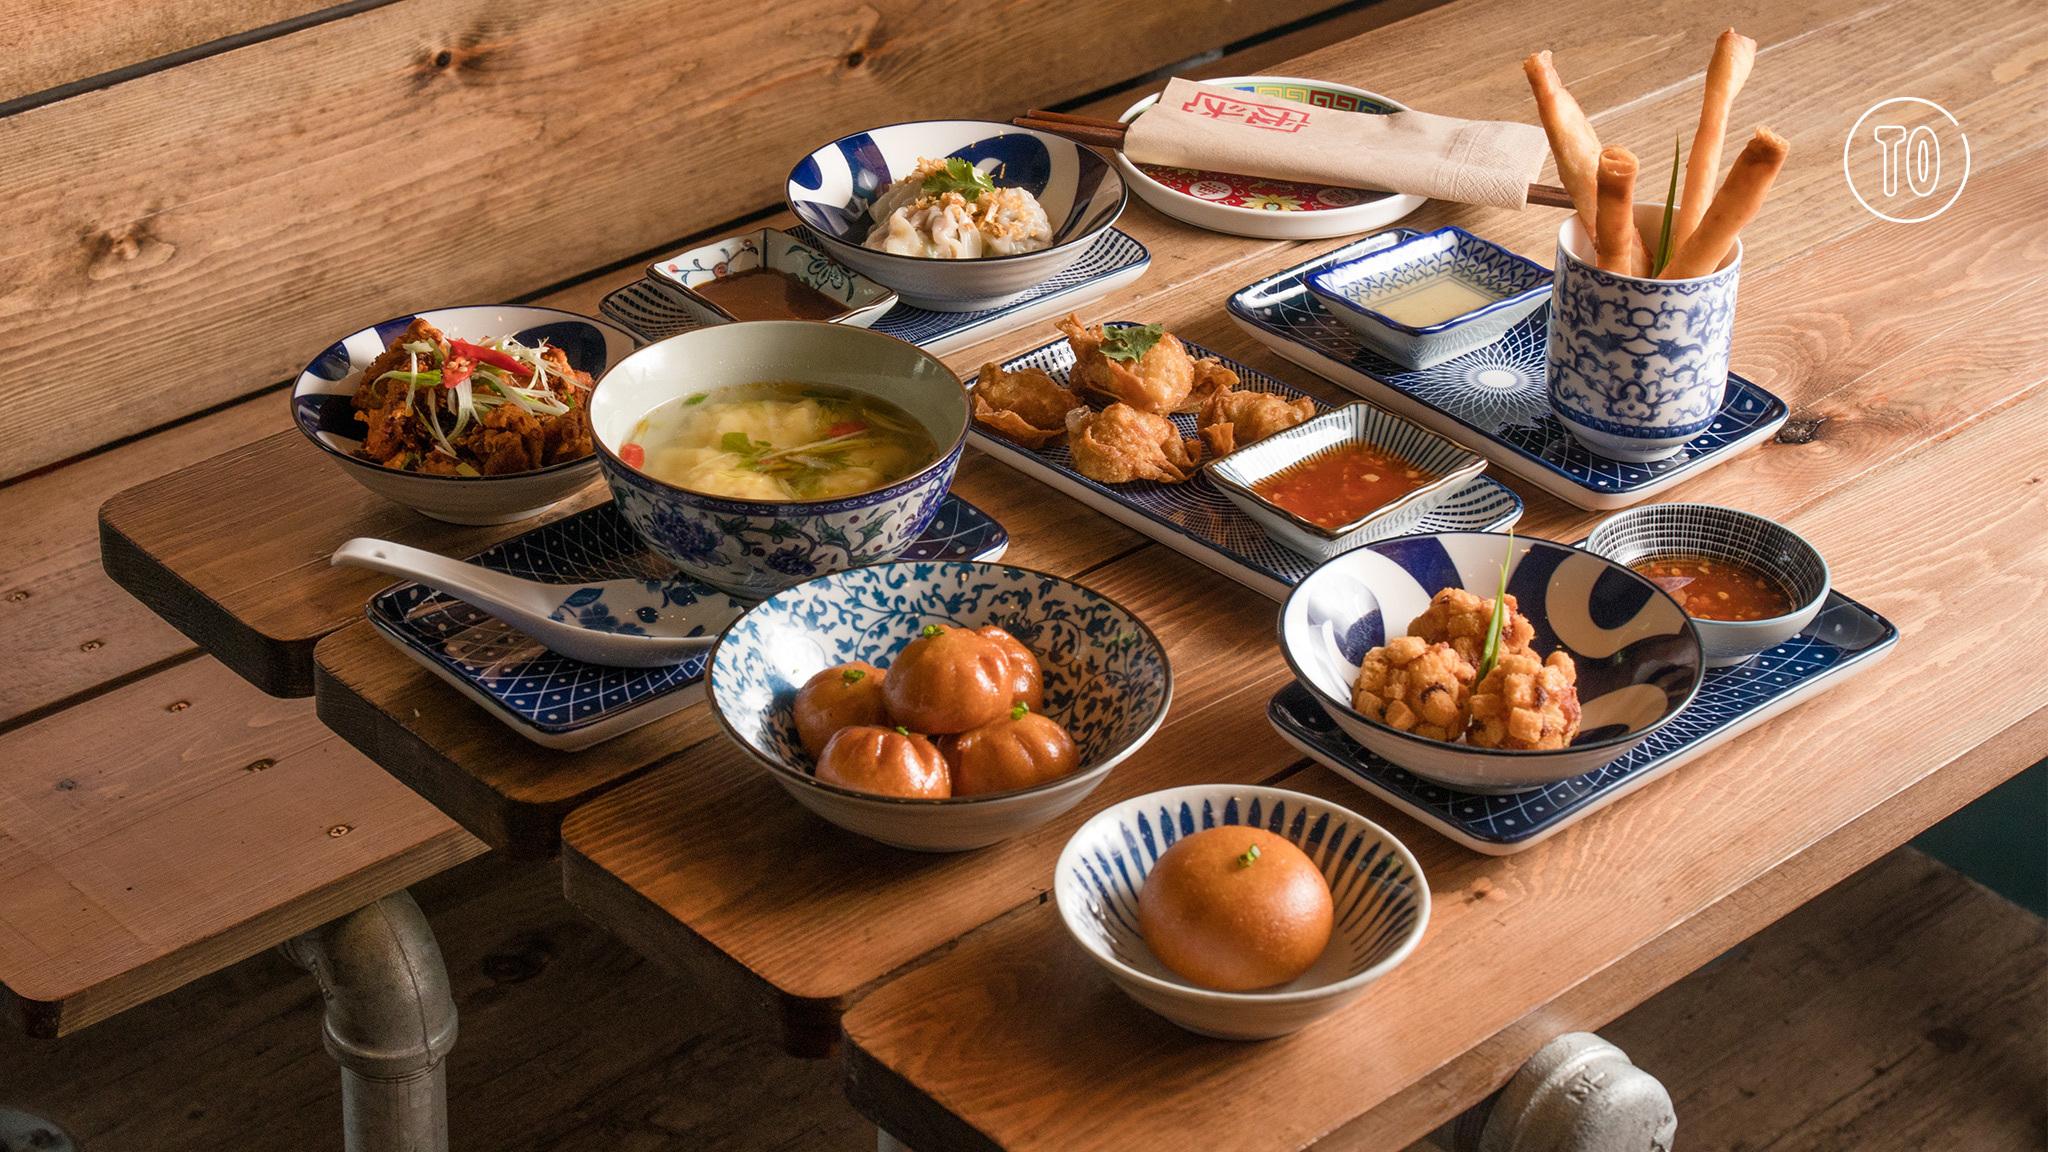 Lhong Tou, Chinese food